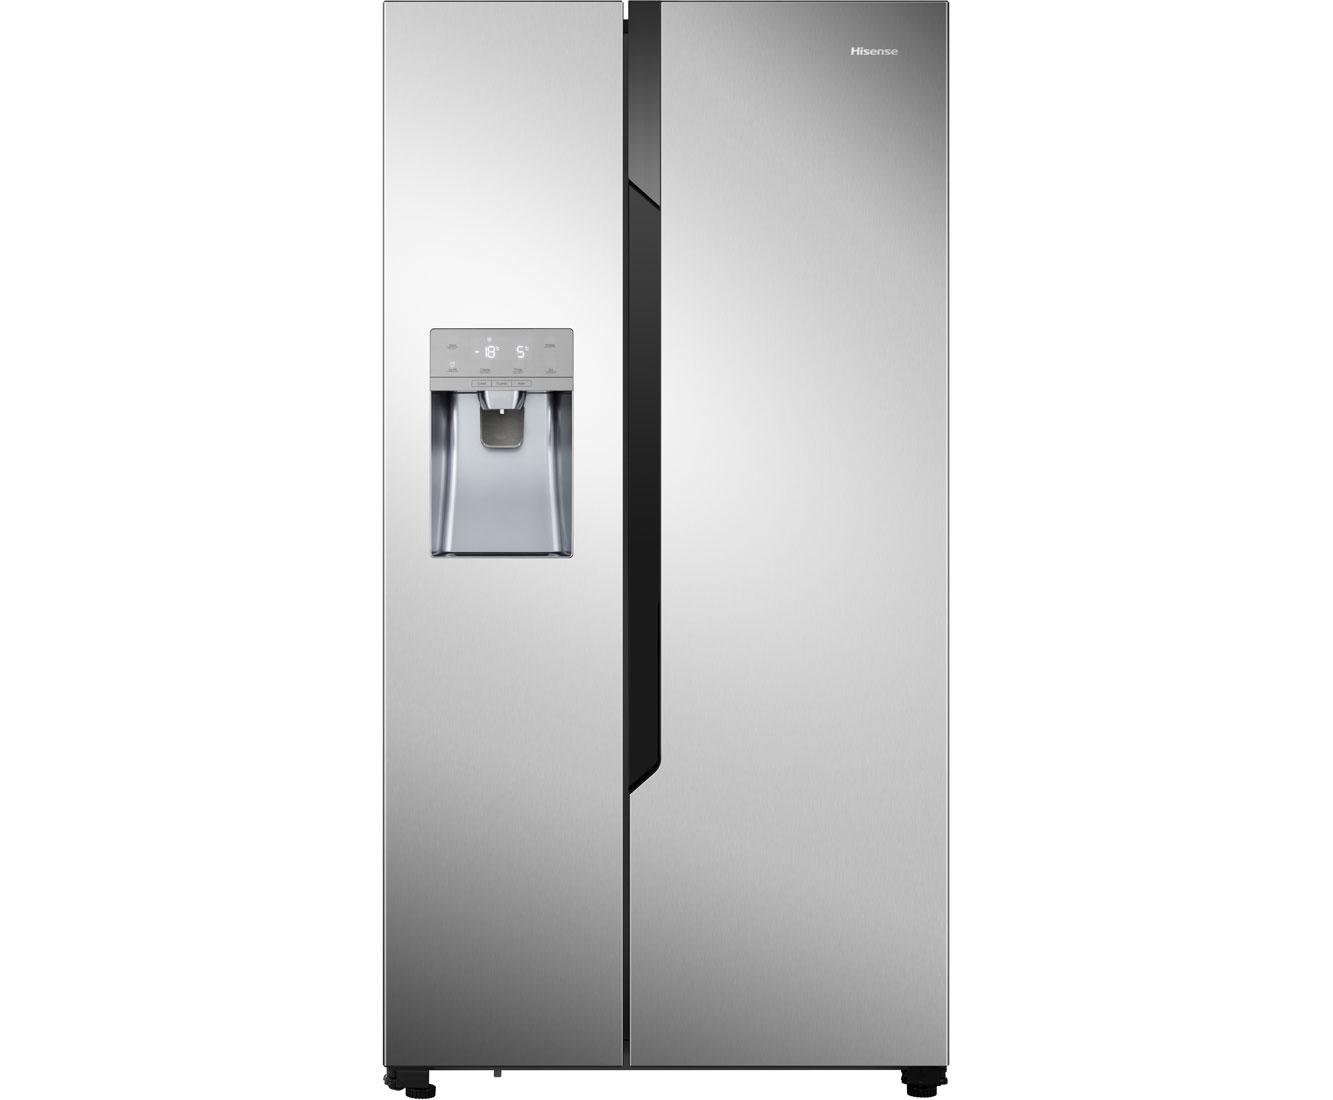 Aeg Kühlschrank Coolmatic : Coolmatic kompressor kühlschrank preisvergleich u die besten